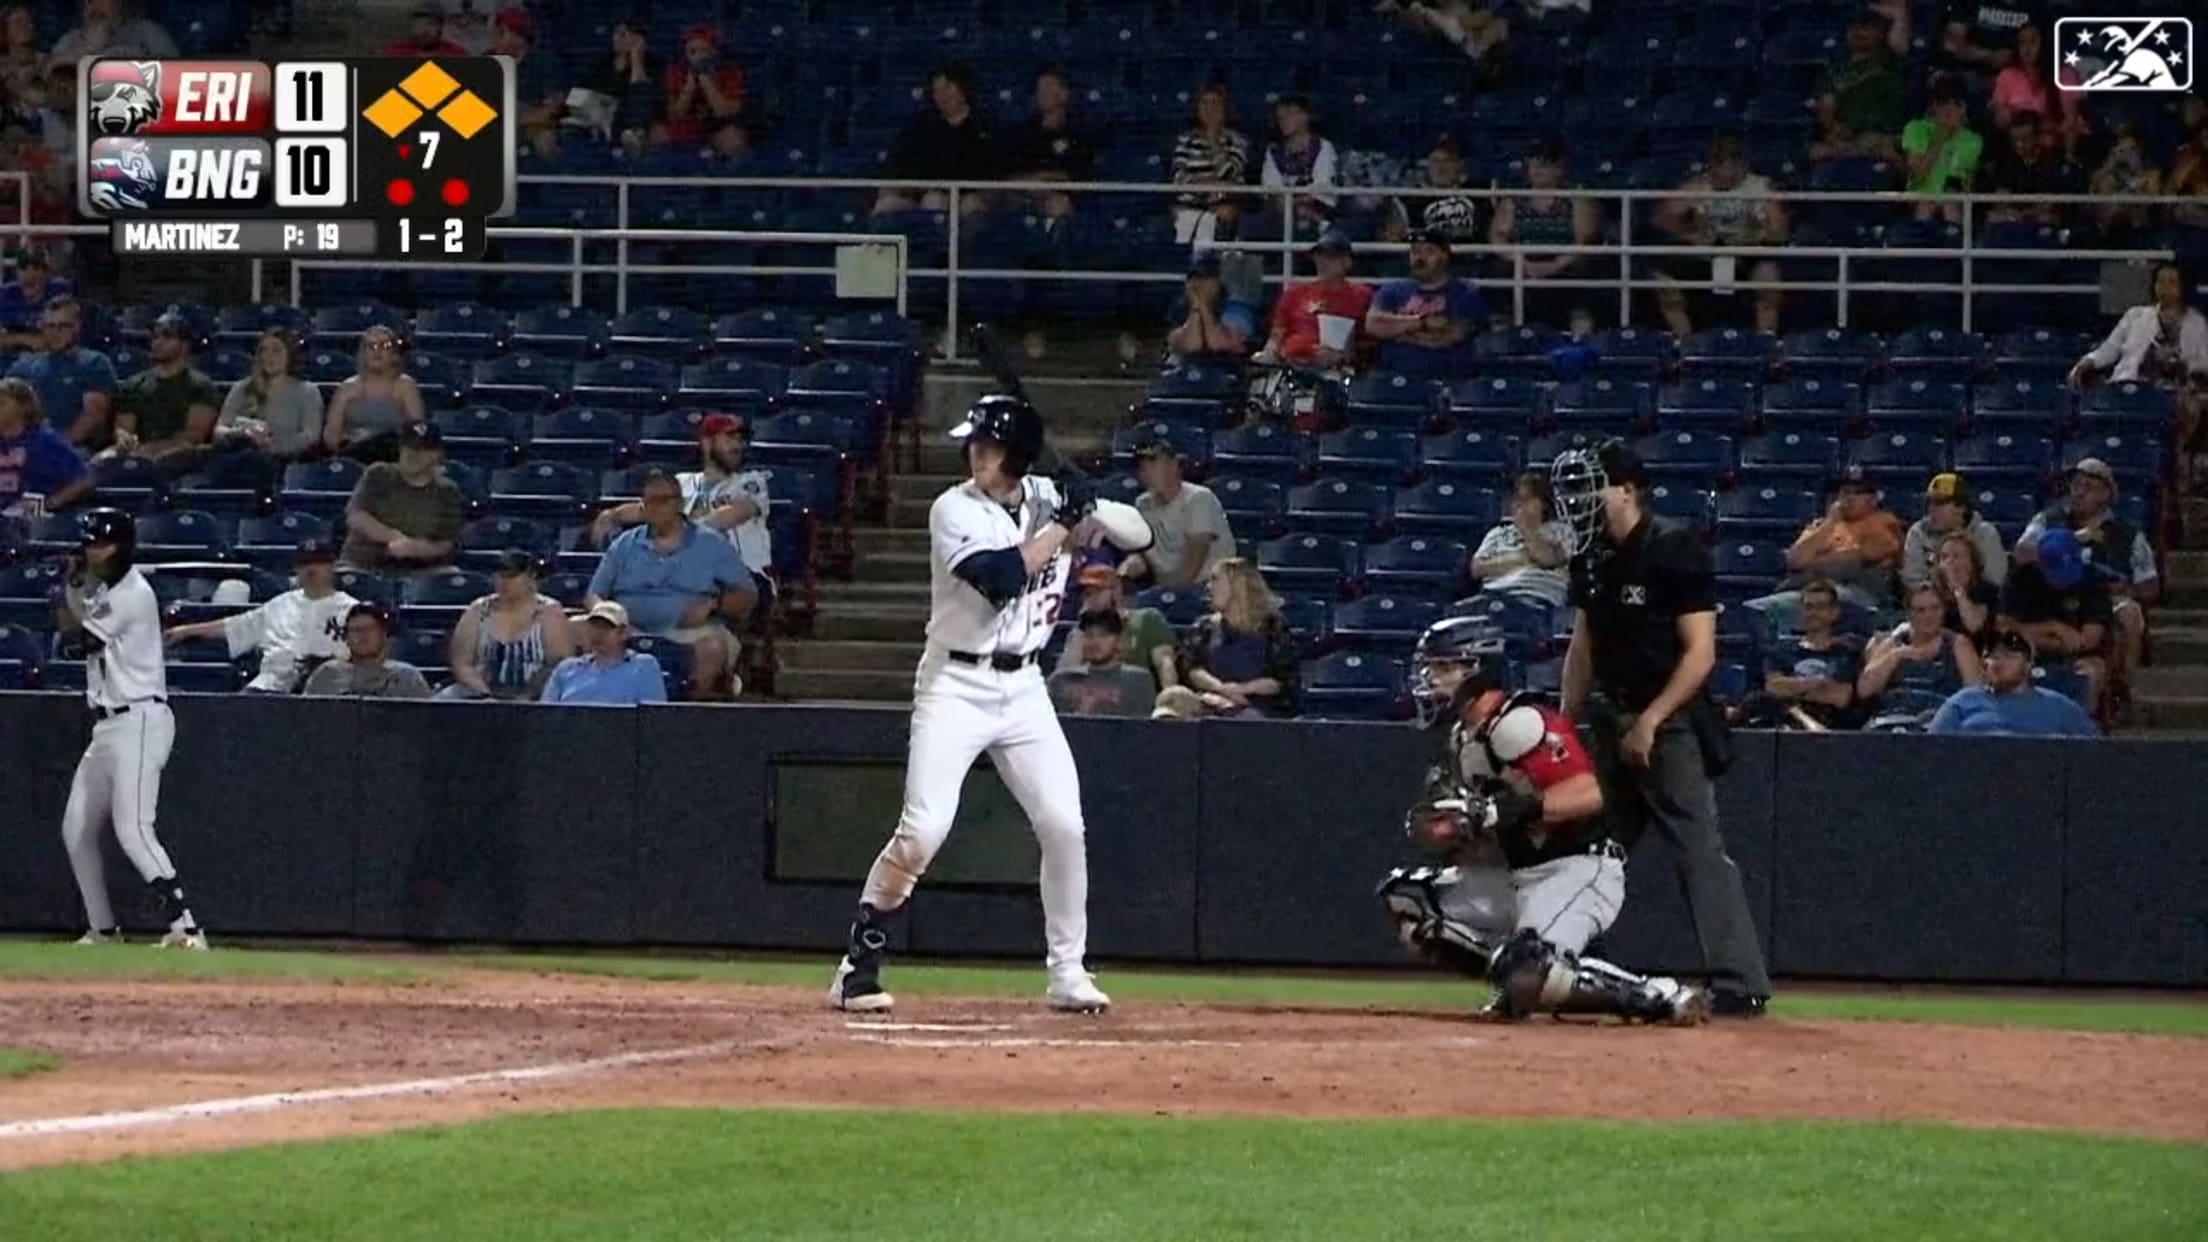 Brett Baty's 4-hit, 6-RBI game